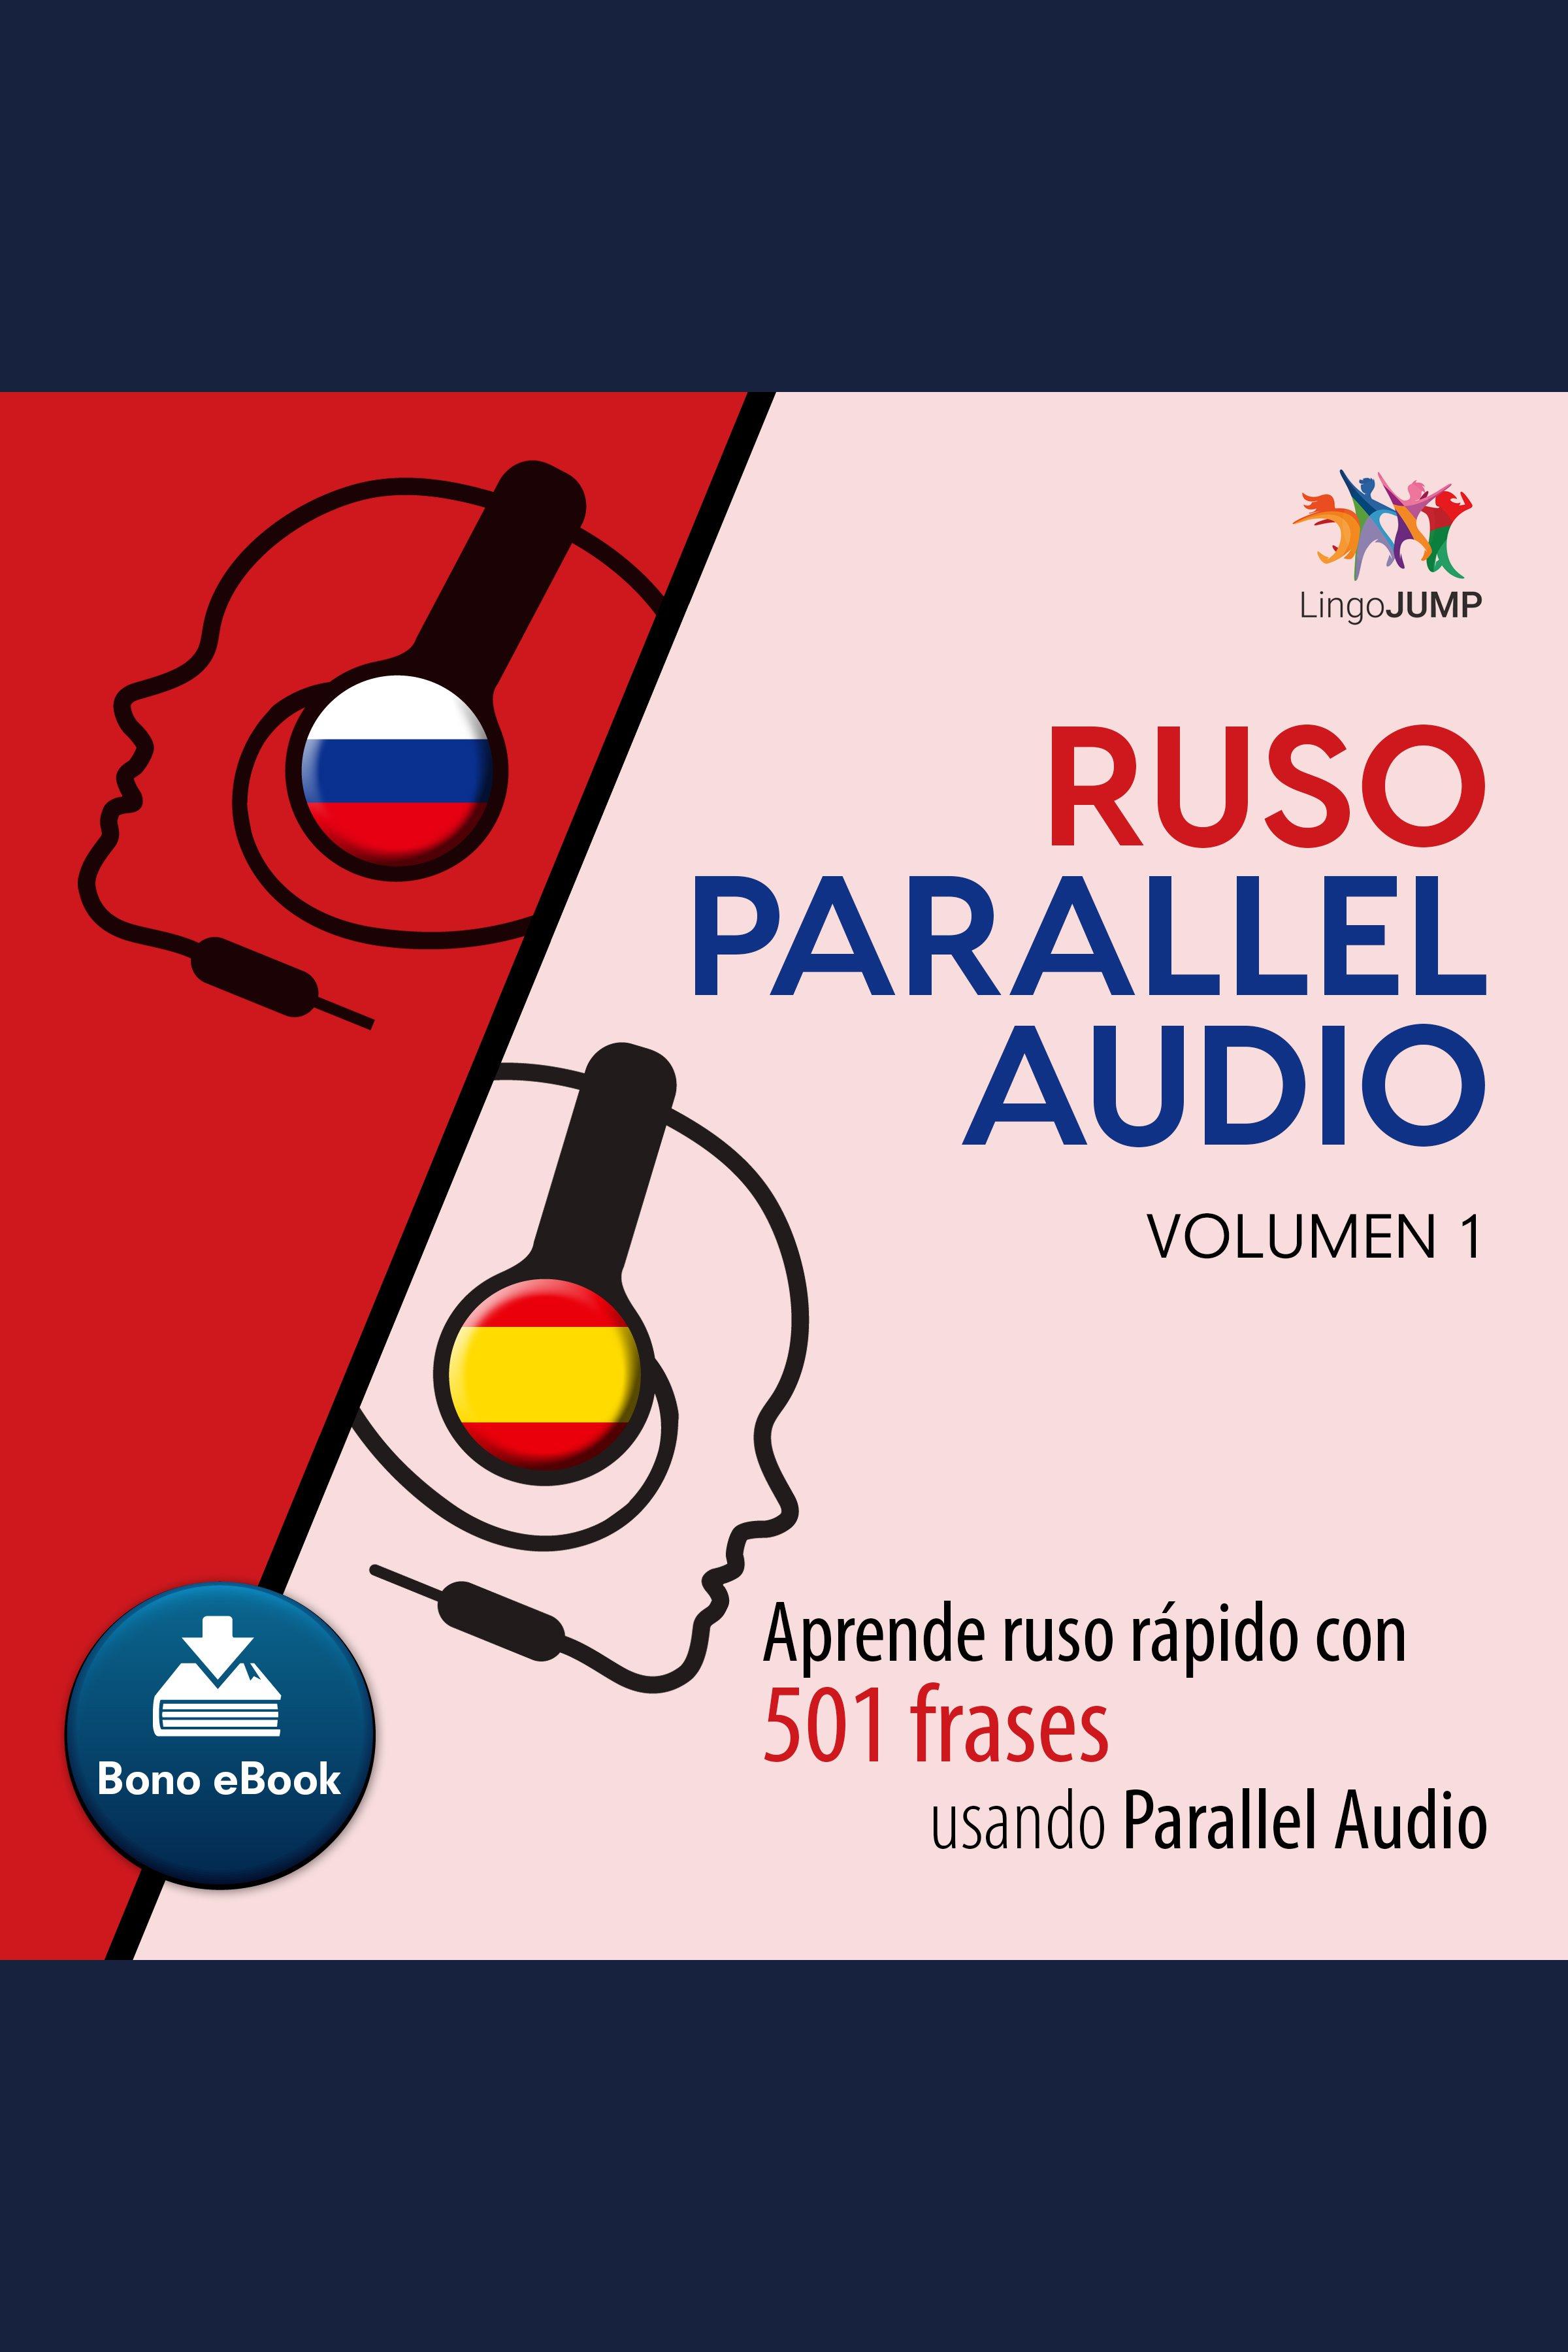 Esta es la portada del audiolibro Ruso Parallel Audio – Aprende ruso rápido con 501 frases usando Parallel Audio - Volumen 1